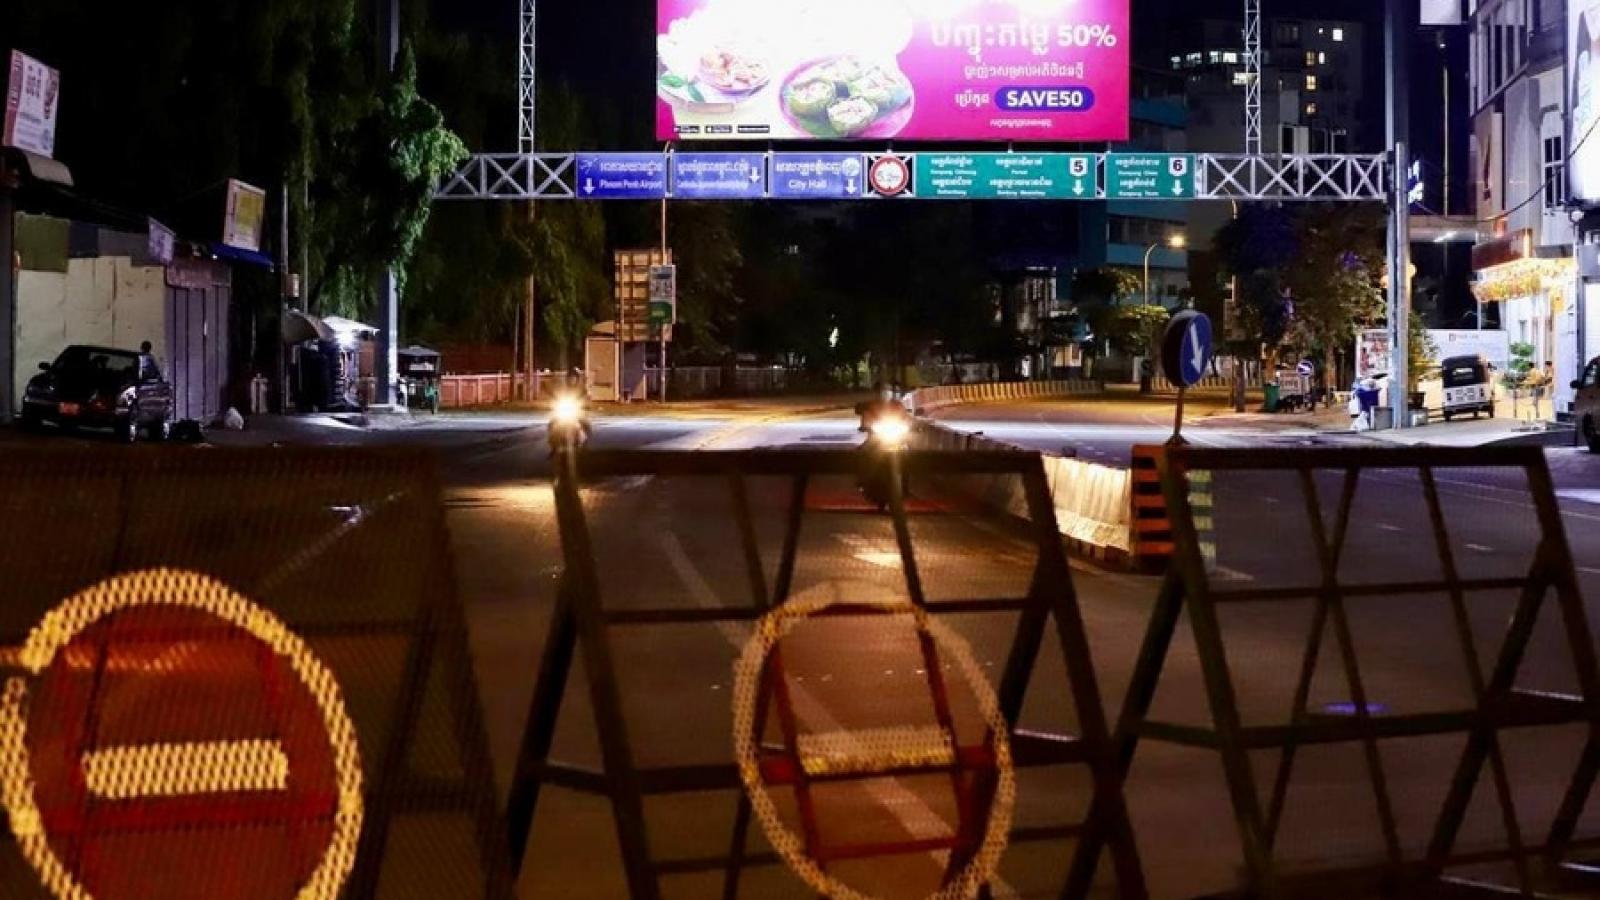 Campuchia vẫn chưa đạt được miễn dịch cộng đồng